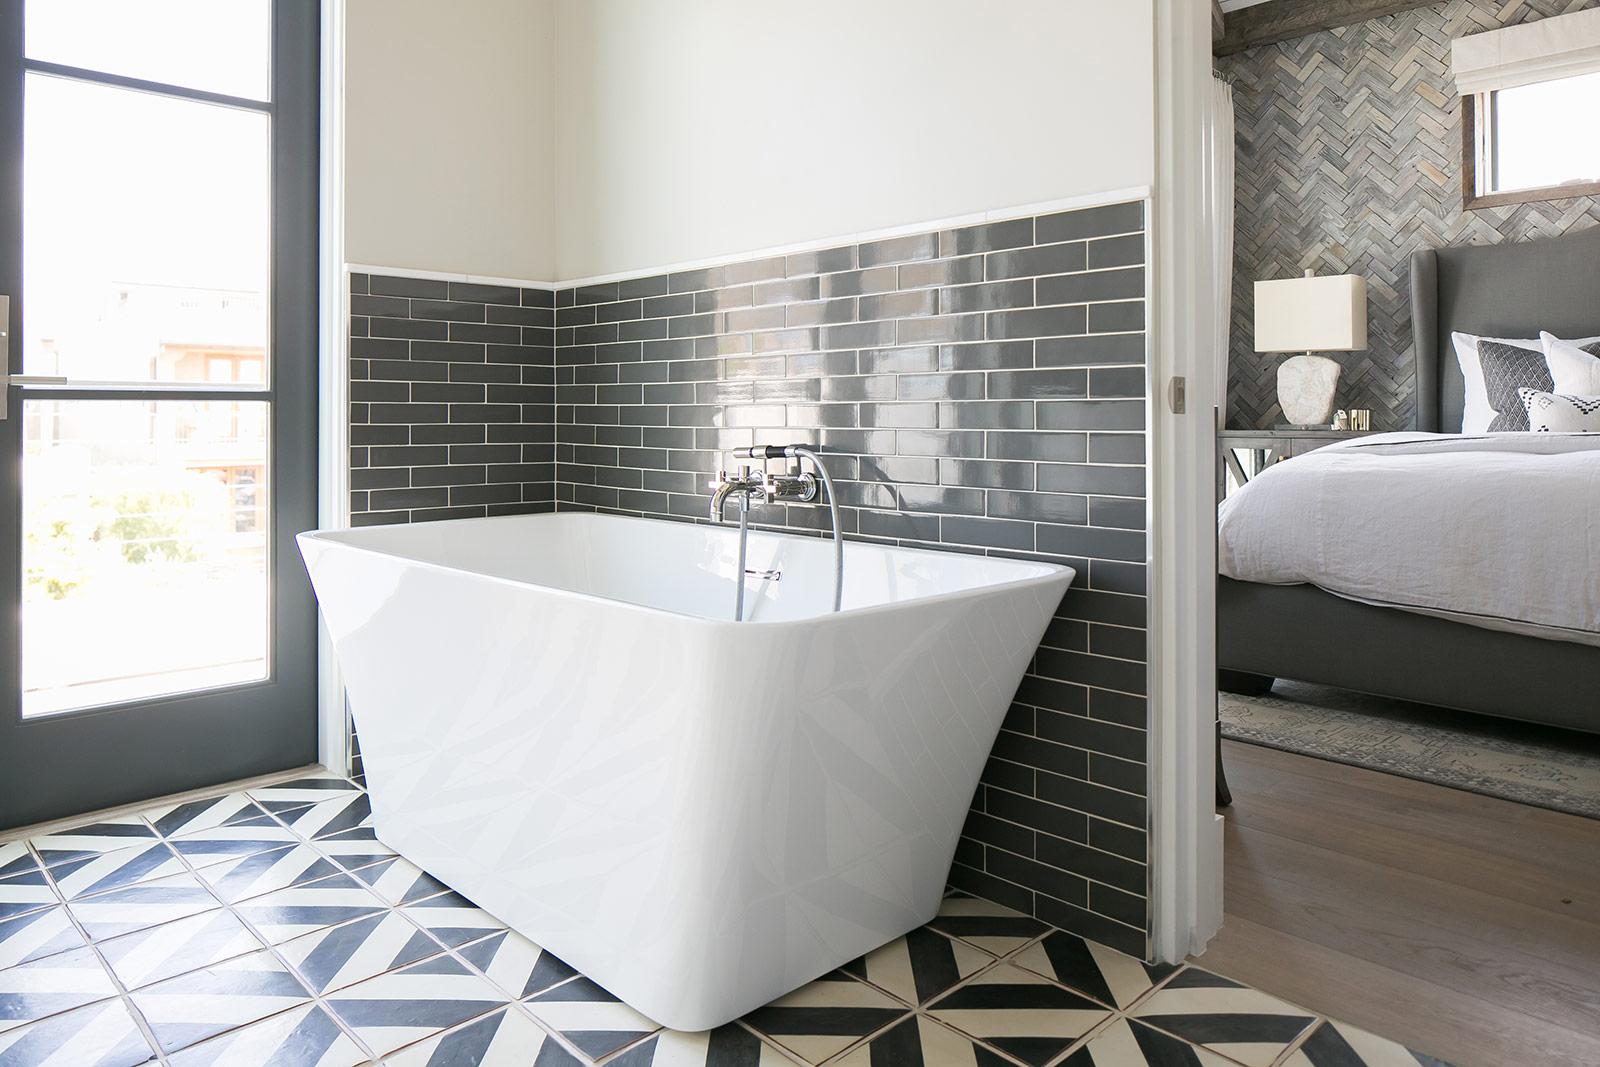 DIY: How To Install A Tile Bathroom Floor